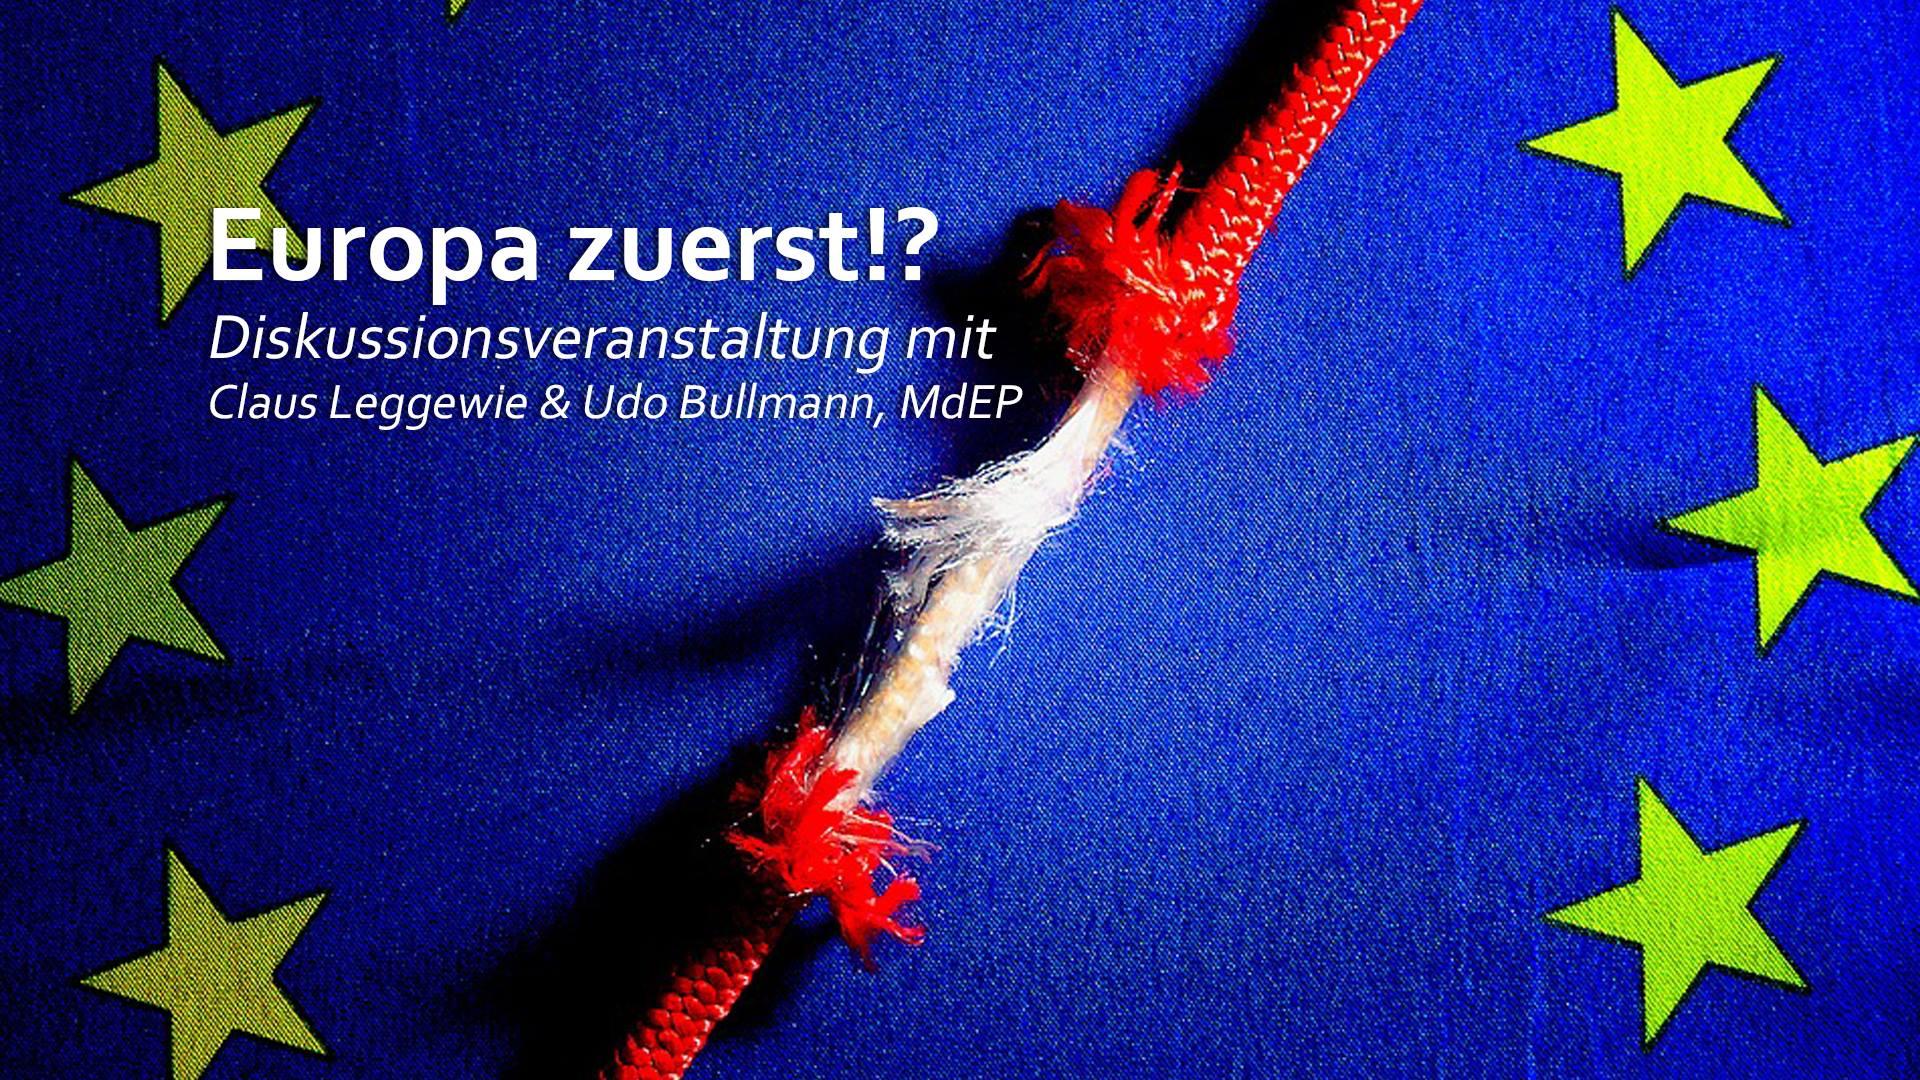 Europa zuerst!? Diskussionsveranstaltung mit Prof. Dr. Claus Leggewie & Udo Bullmann (MdEP)